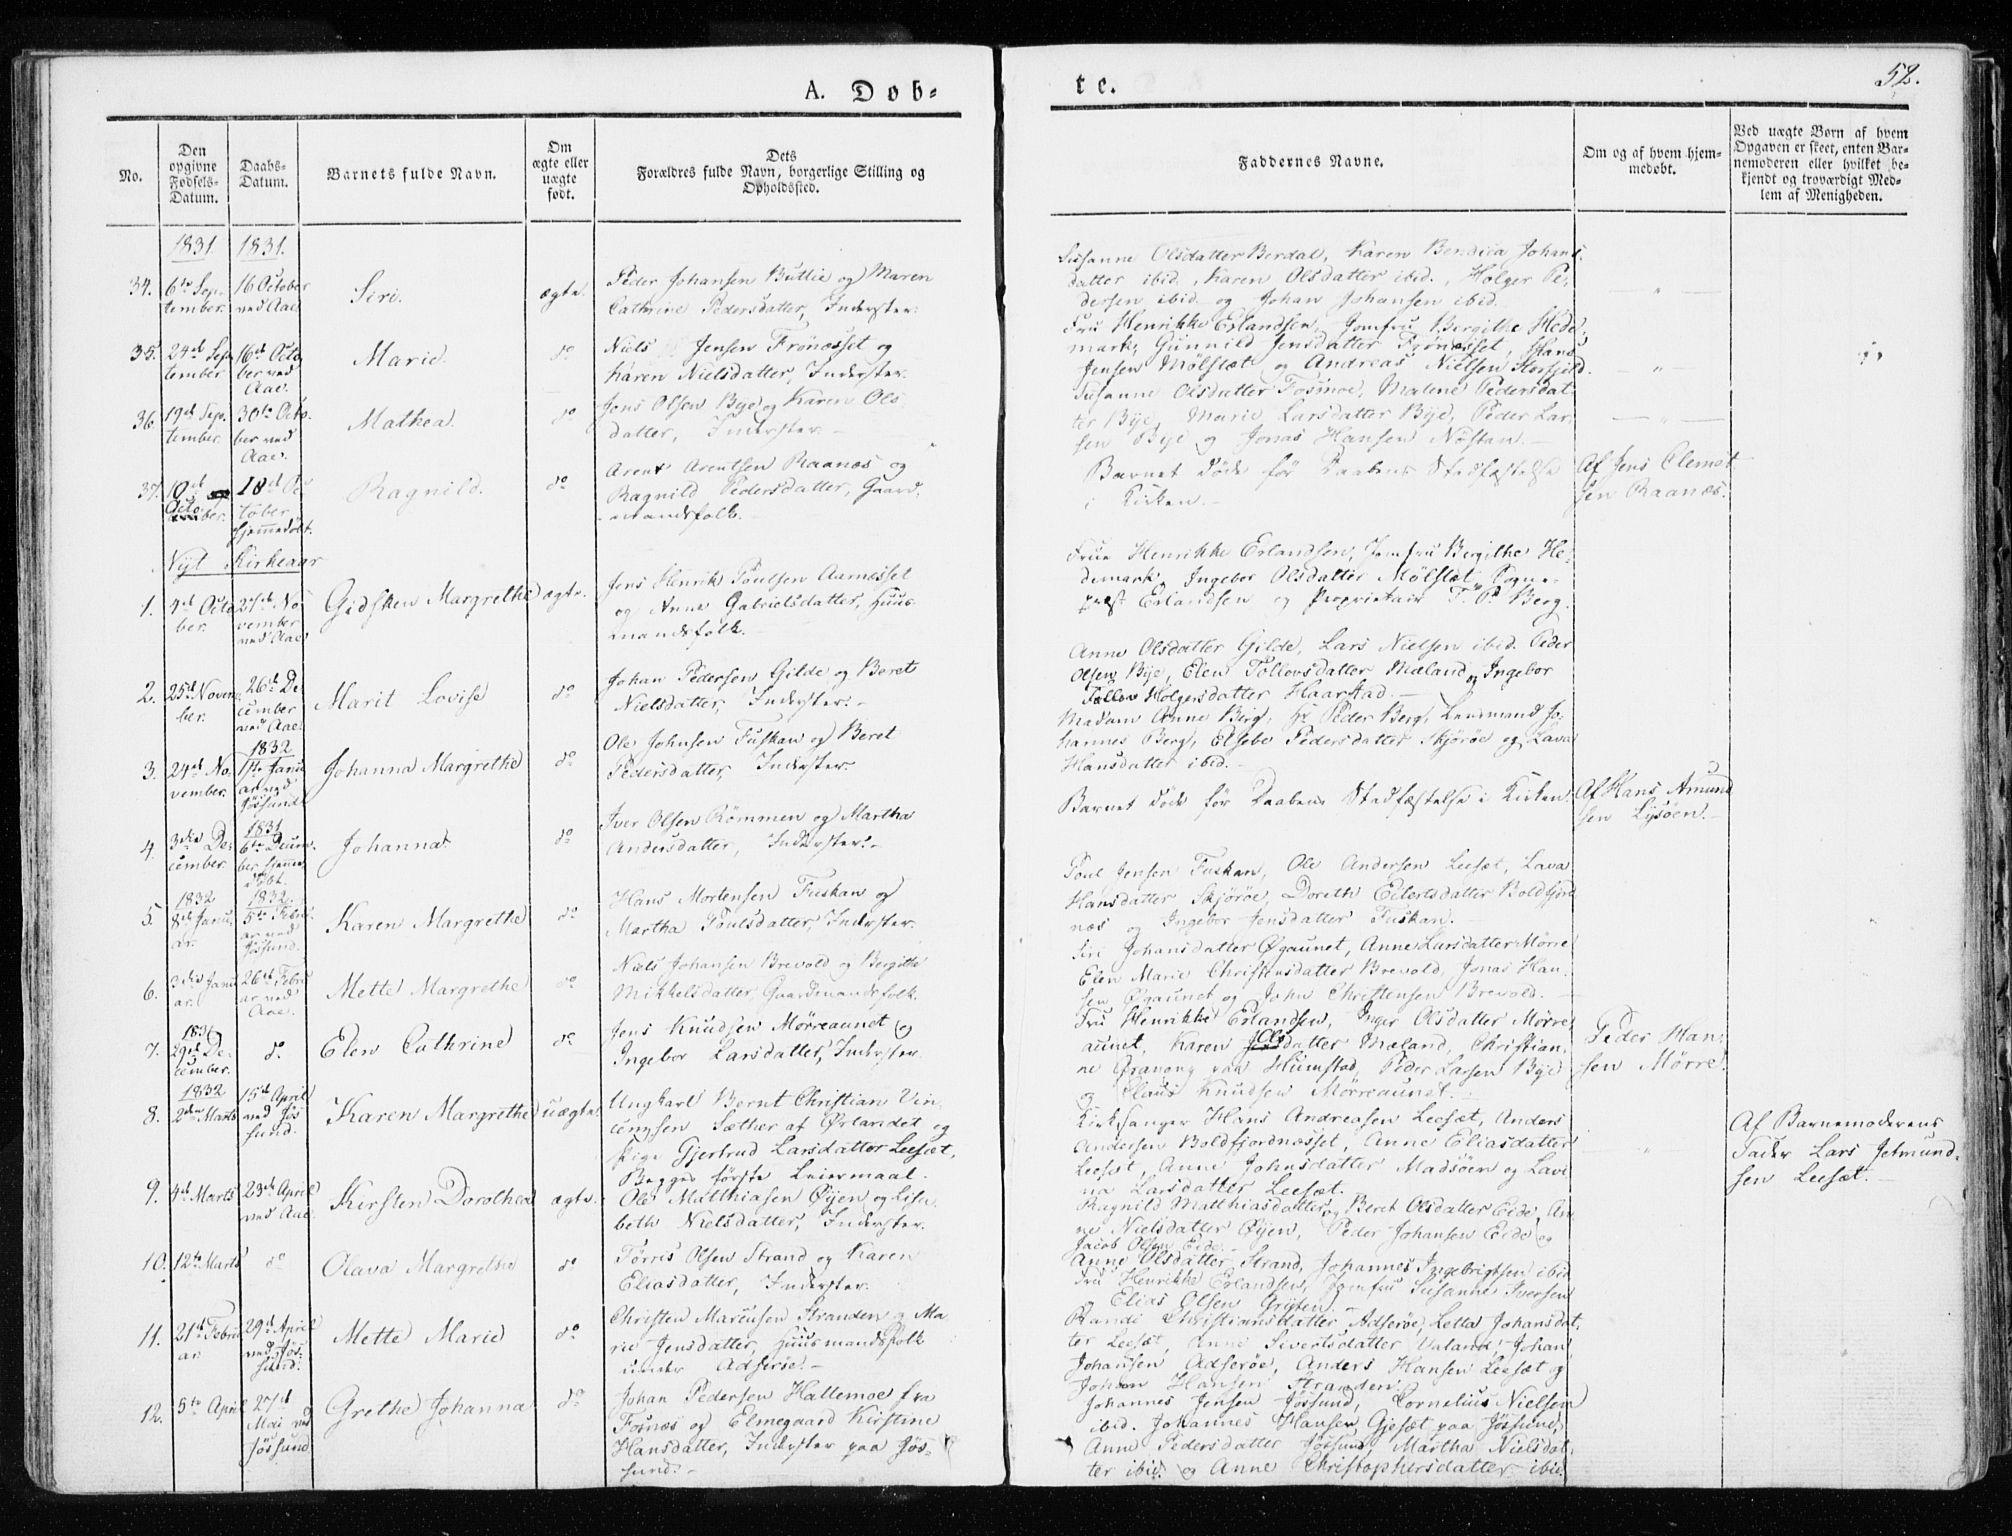 SAT, Ministerialprotokoller, klokkerbøker og fødselsregistre - Sør-Trøndelag, 655/L0676: Ministerialbok nr. 655A05, 1830-1847, s. 52